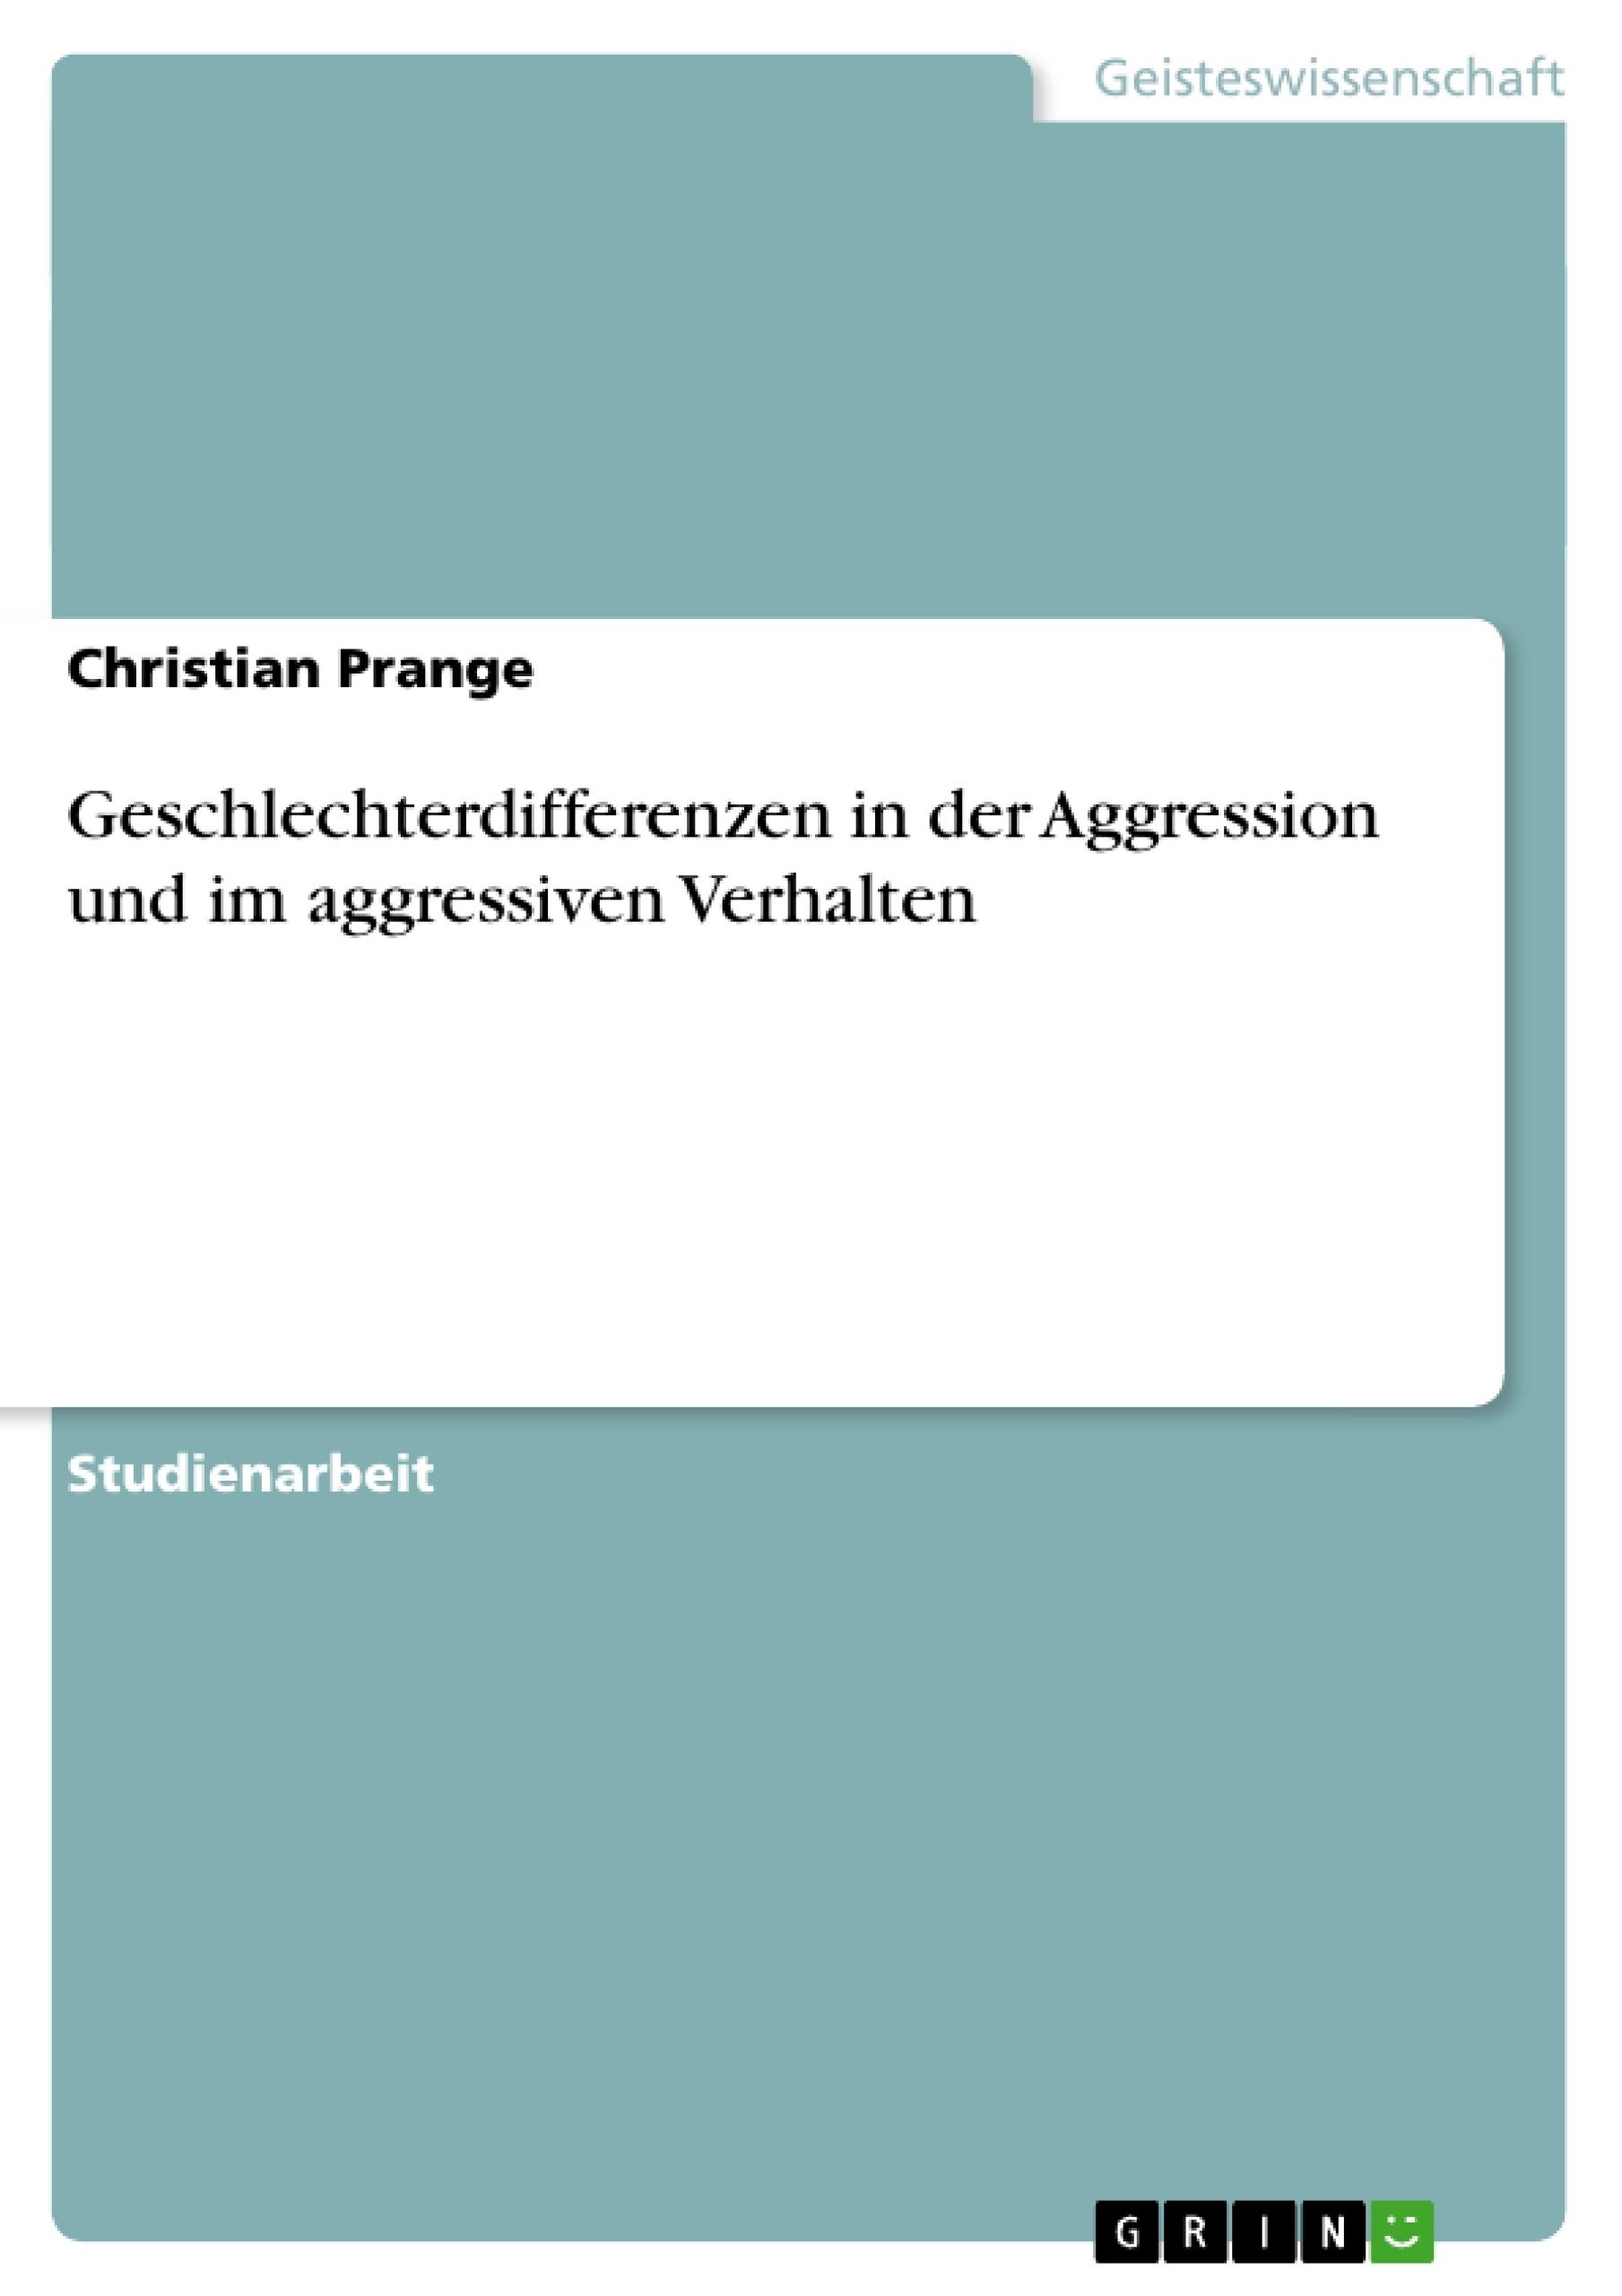 Titel: Geschlechterdifferenzen in der Aggression und im aggressiven Verhalten